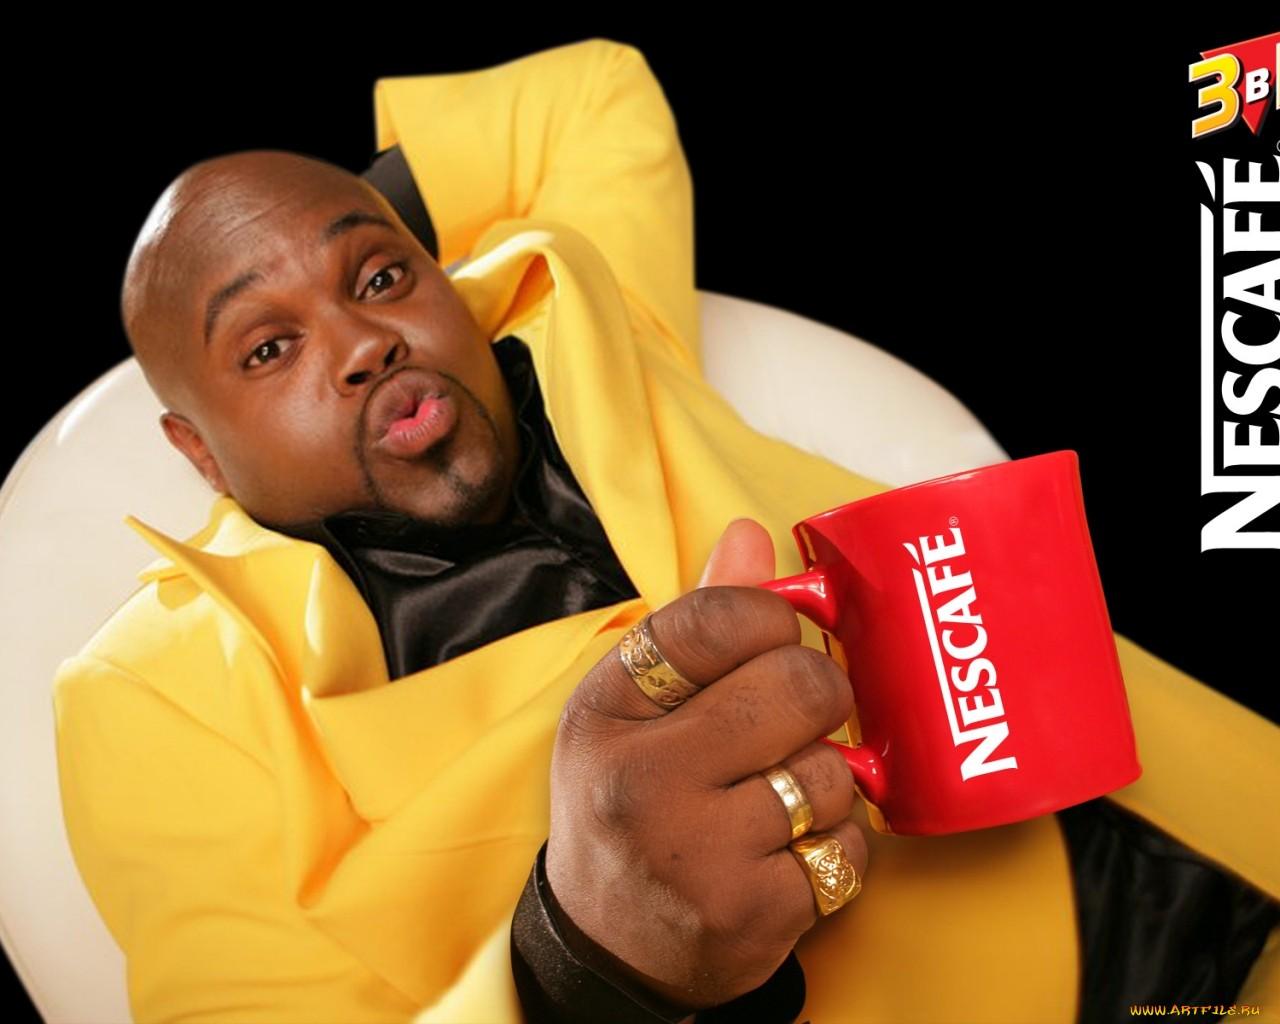 человек в желтом костюме с кружкой в руках, скачать фото, обои для рабочего стола, Nescafe